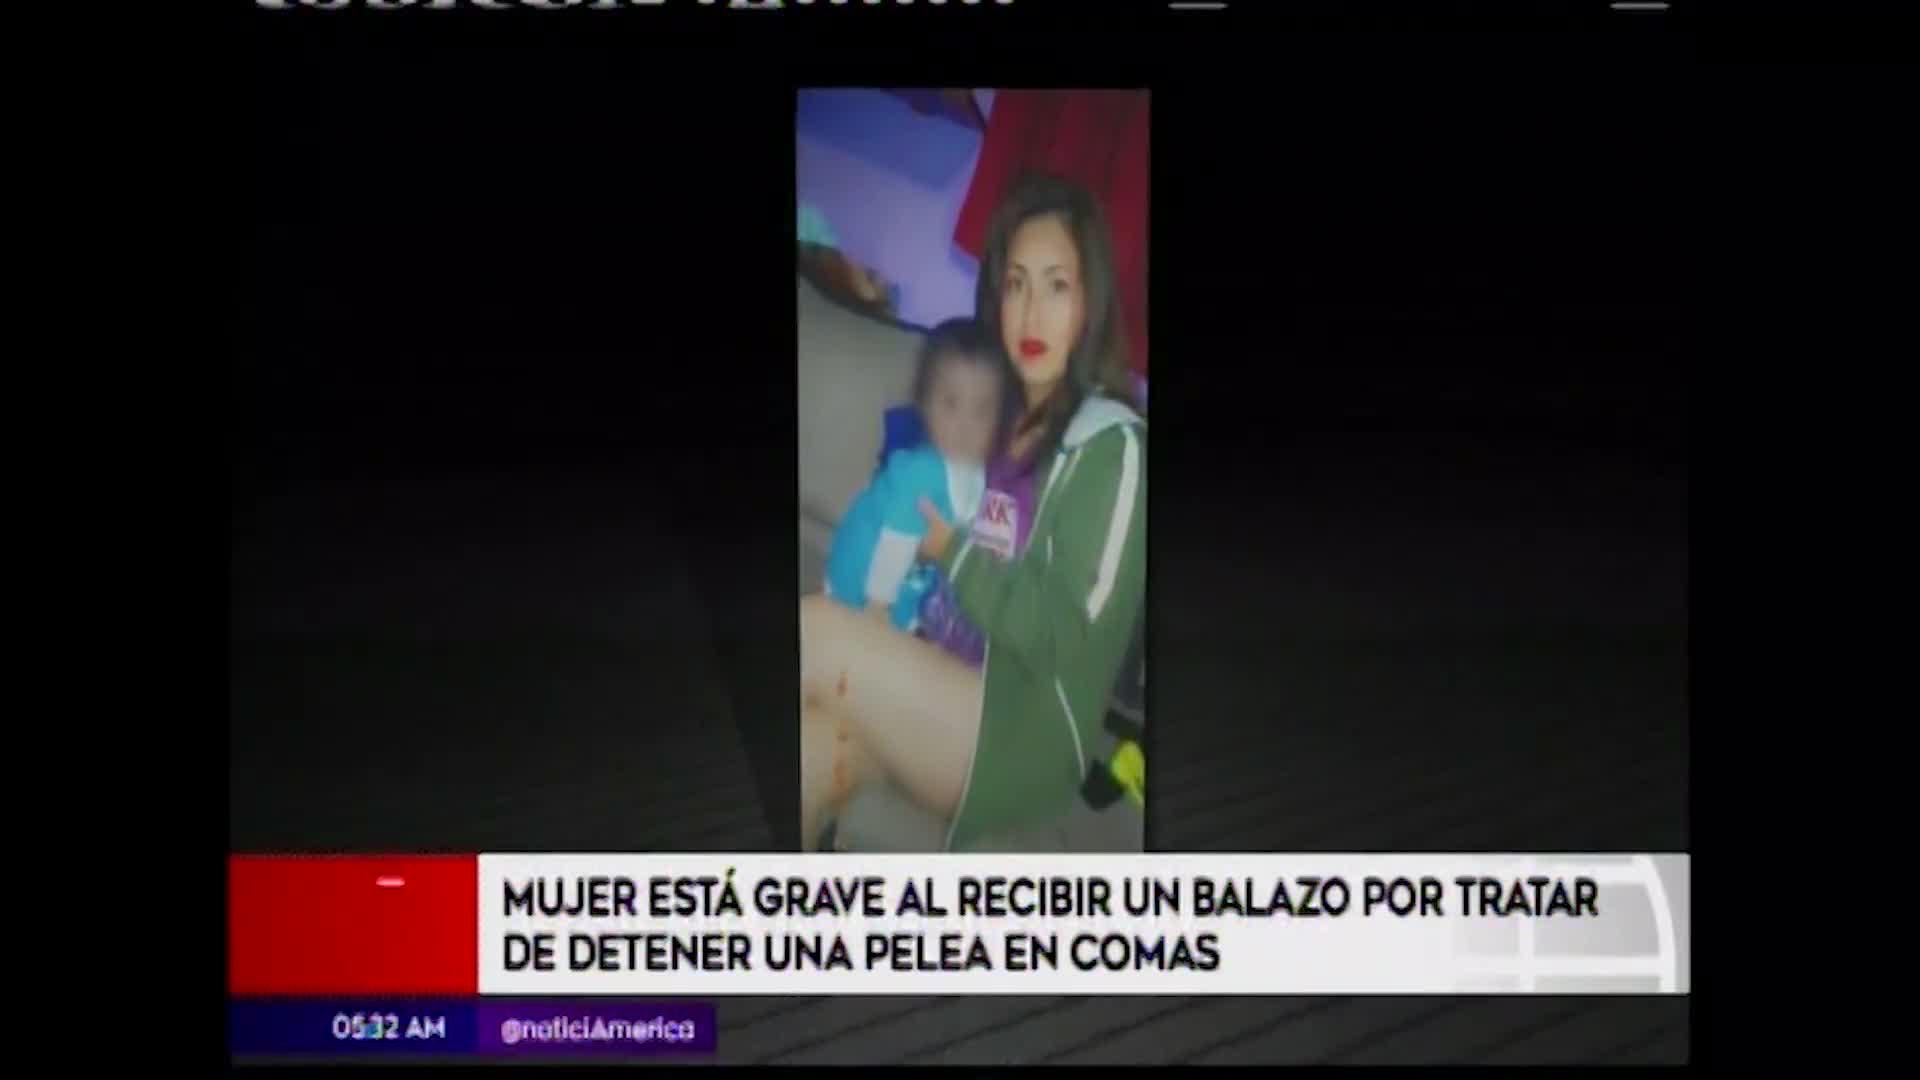 Mujer recibió un disparo al tratar de defender a su familia en Comas